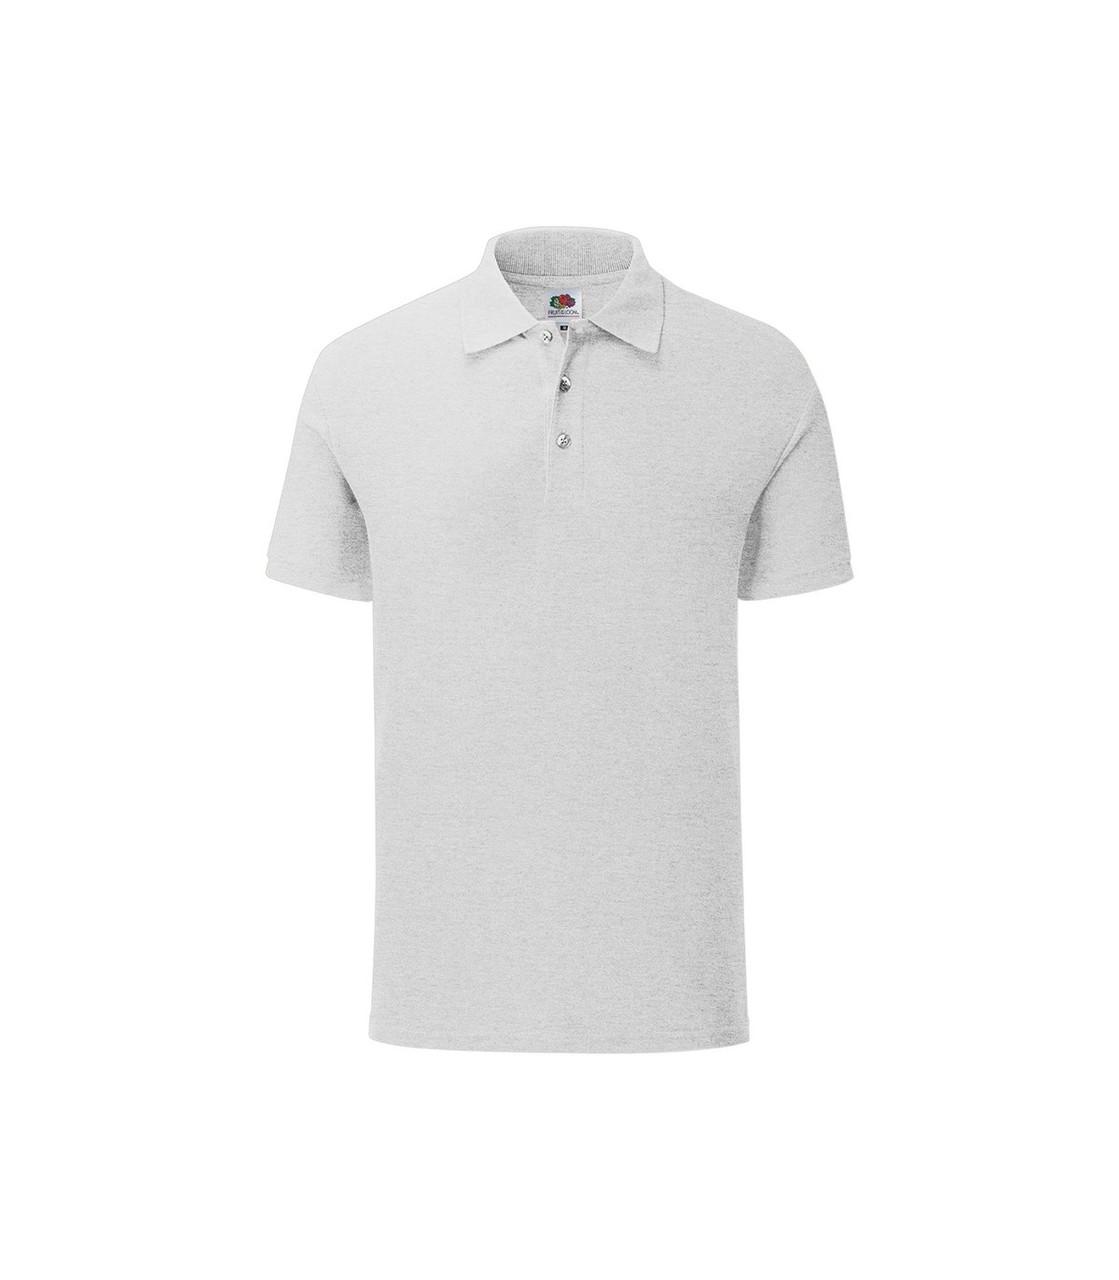 Мужская футболка поло хлопок светло-серая 044-94